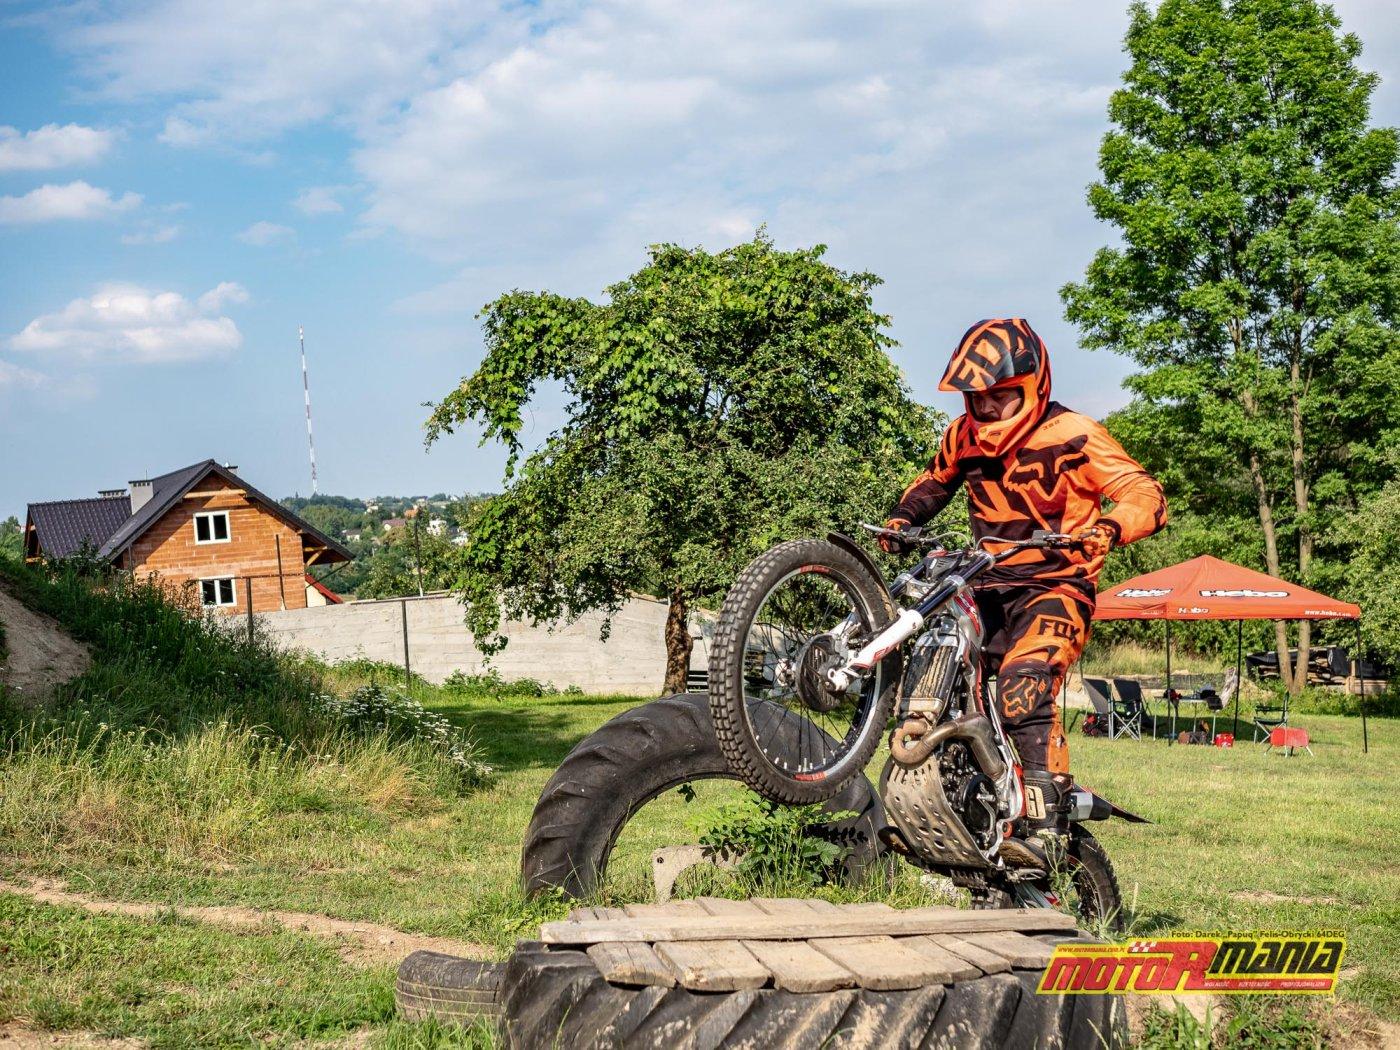 szkolenie trial technika jazdy trialówka - Piotr Jedrzejak jedzie - Andrzej Mistarz trener (15) - fot 64deg